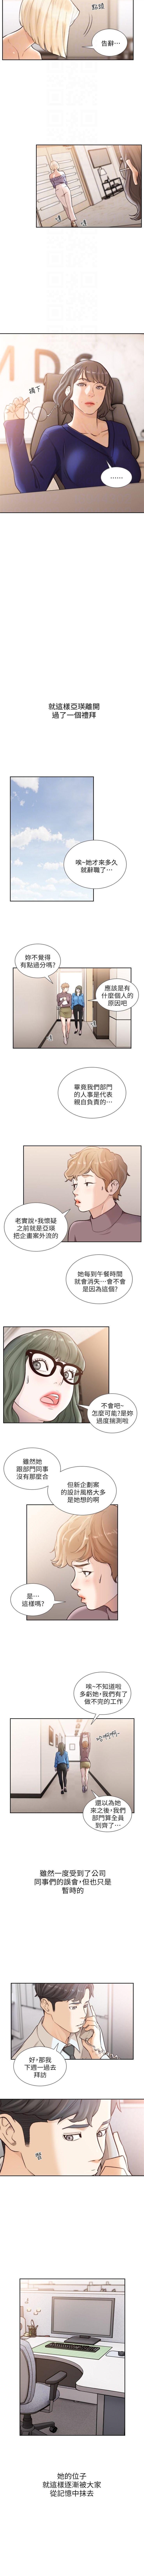 前女友 1-48 中文翻译(更新中) 206